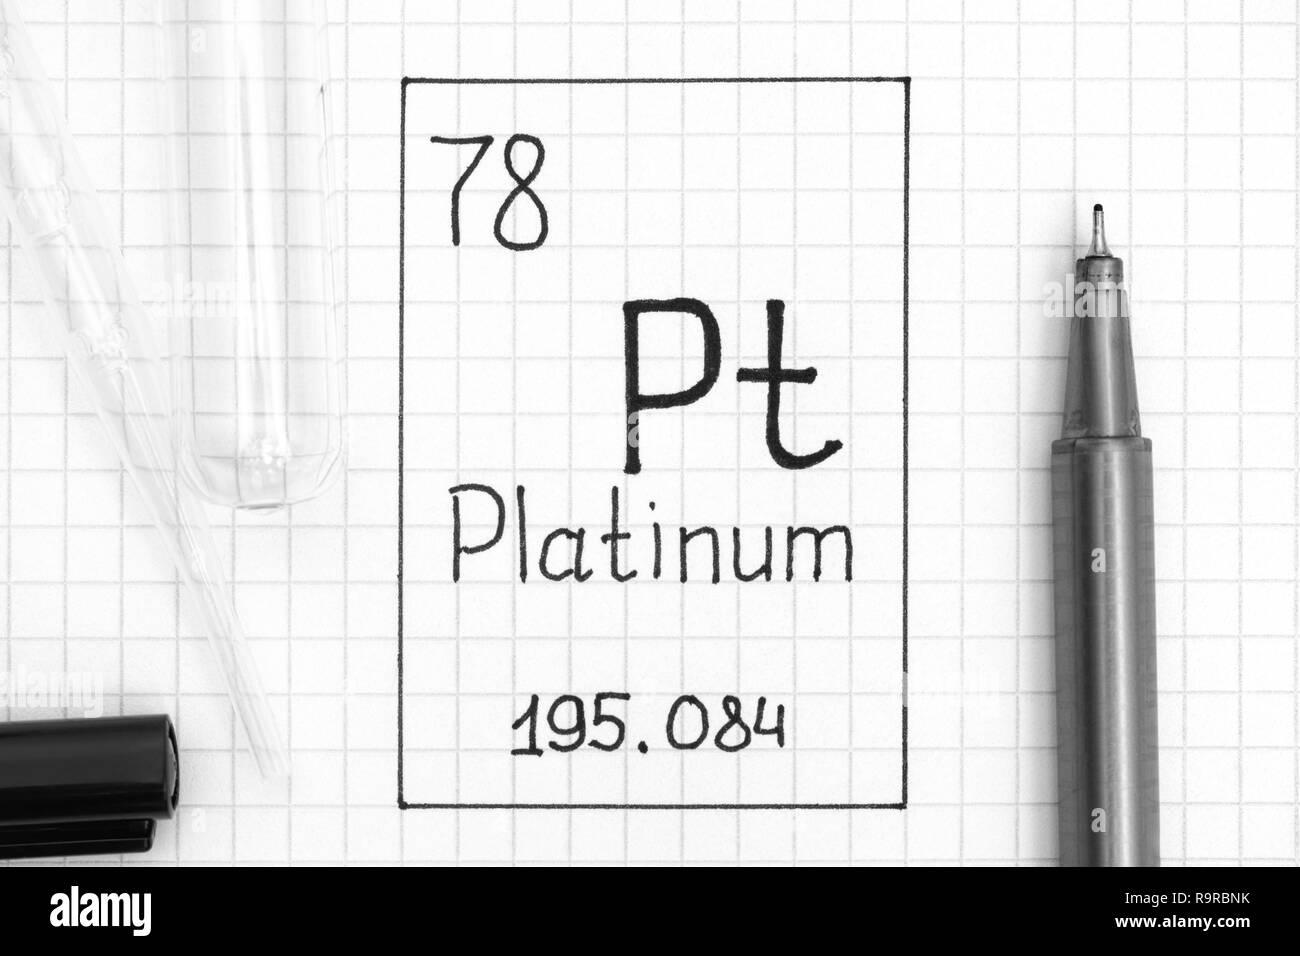 Das Periodensystem der Elemente. Handschrift chemische Element Platin Pt mit schwarzem Stift, Reagenzglas und Pipette. Close-up. Stockbild